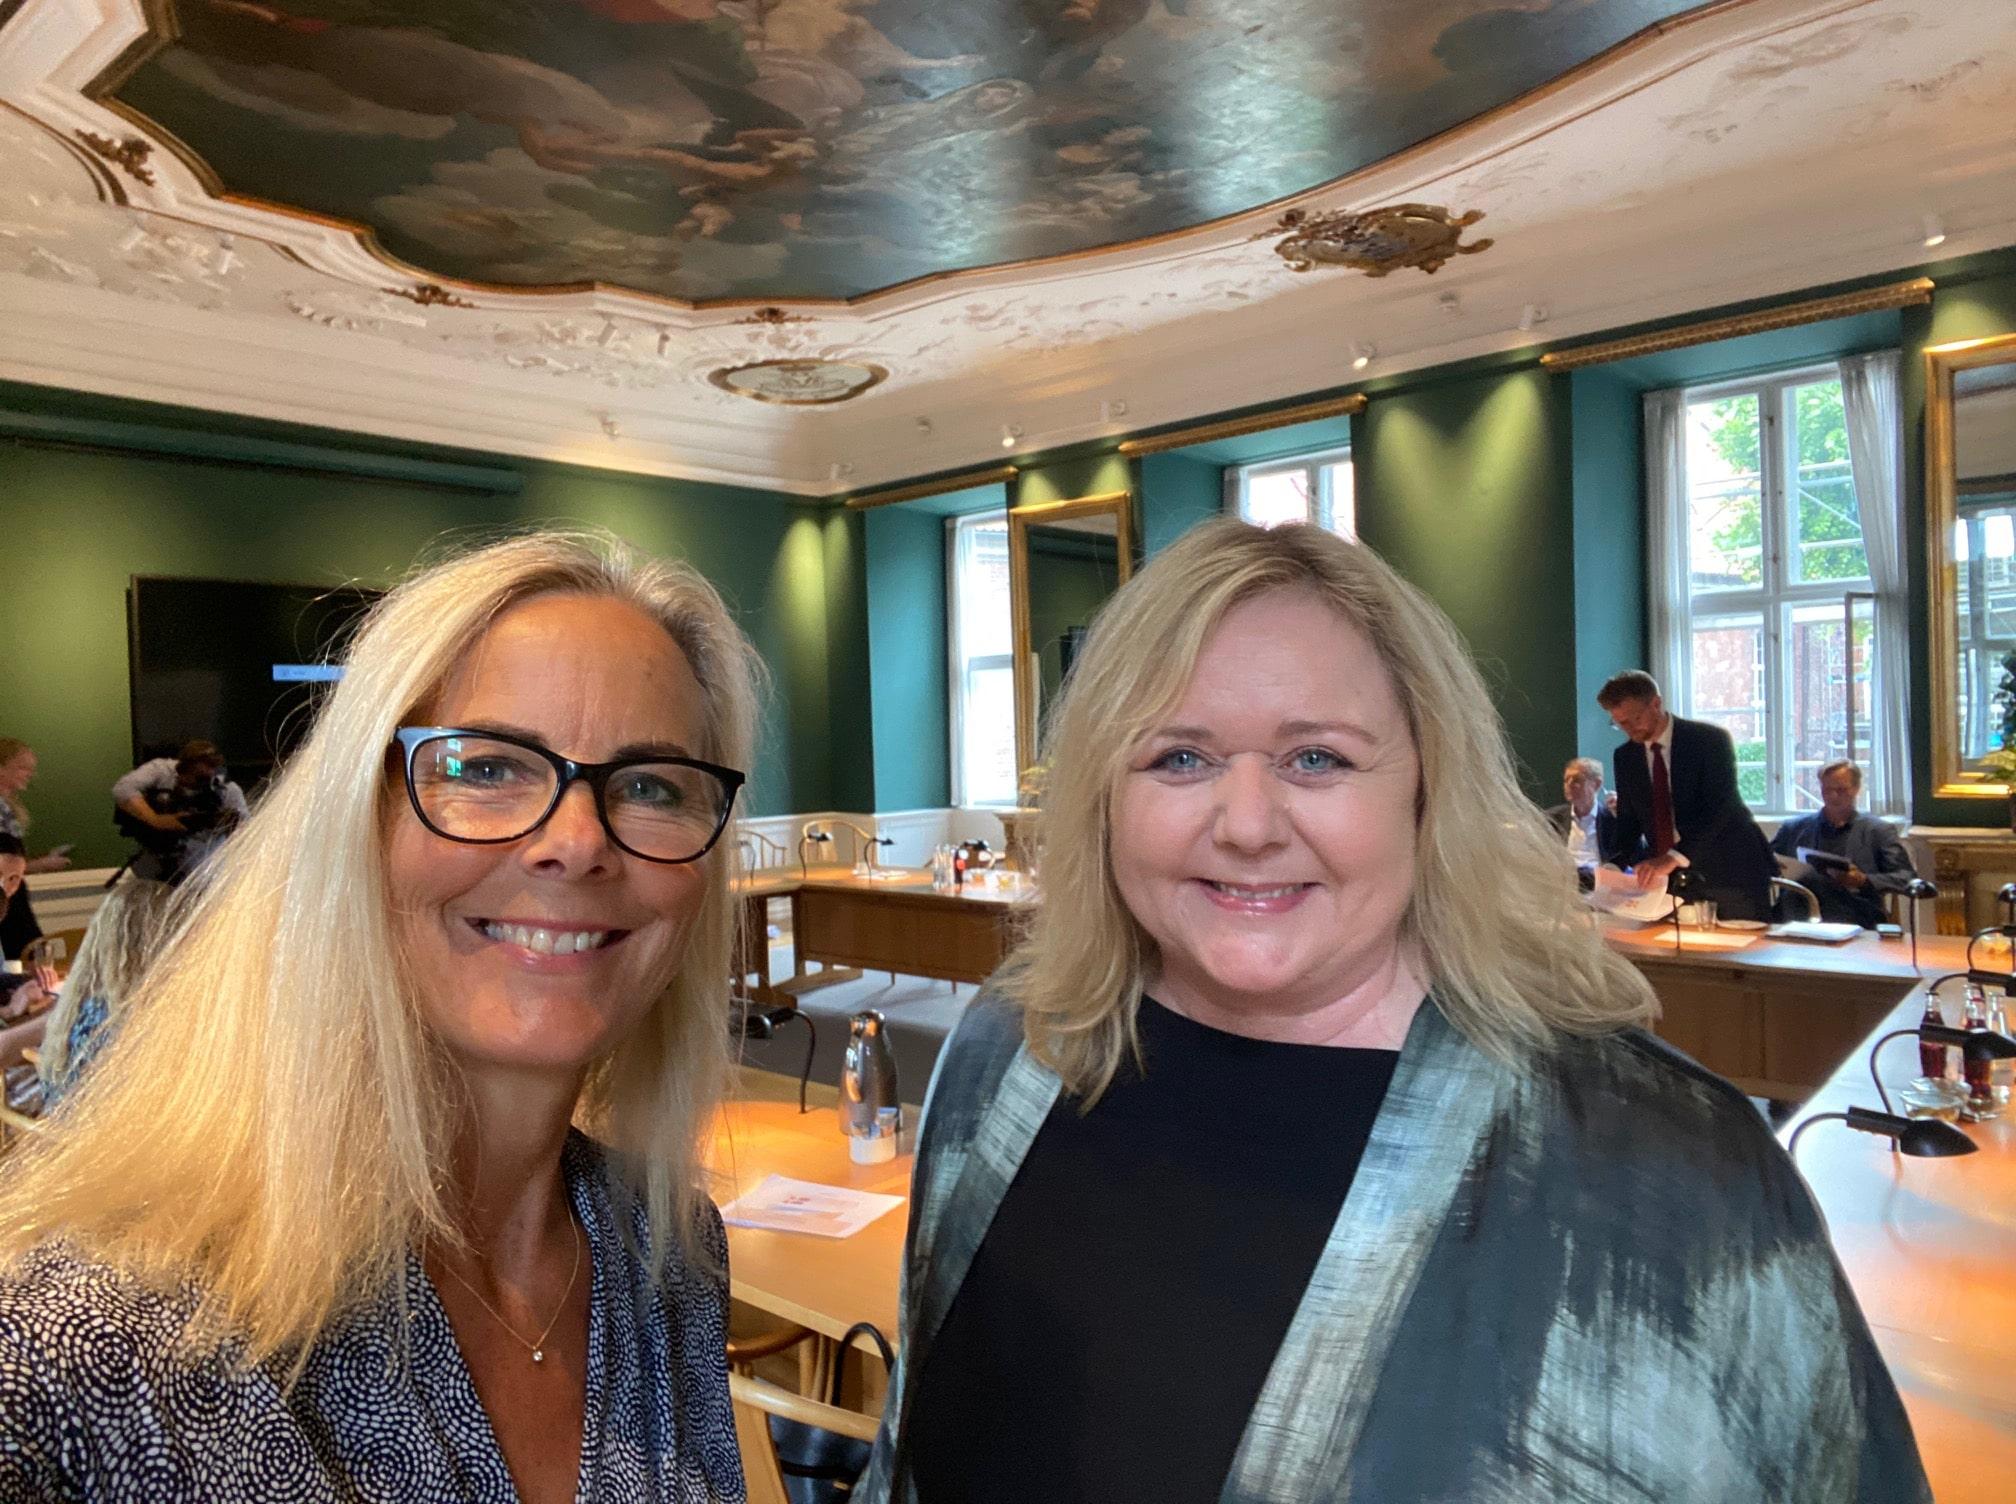 Birgitte Bergman, turismeordfører (K) og Mona Juul, erhvervsordfører (K). Det Konservative Folkeparti. (PR-foto)